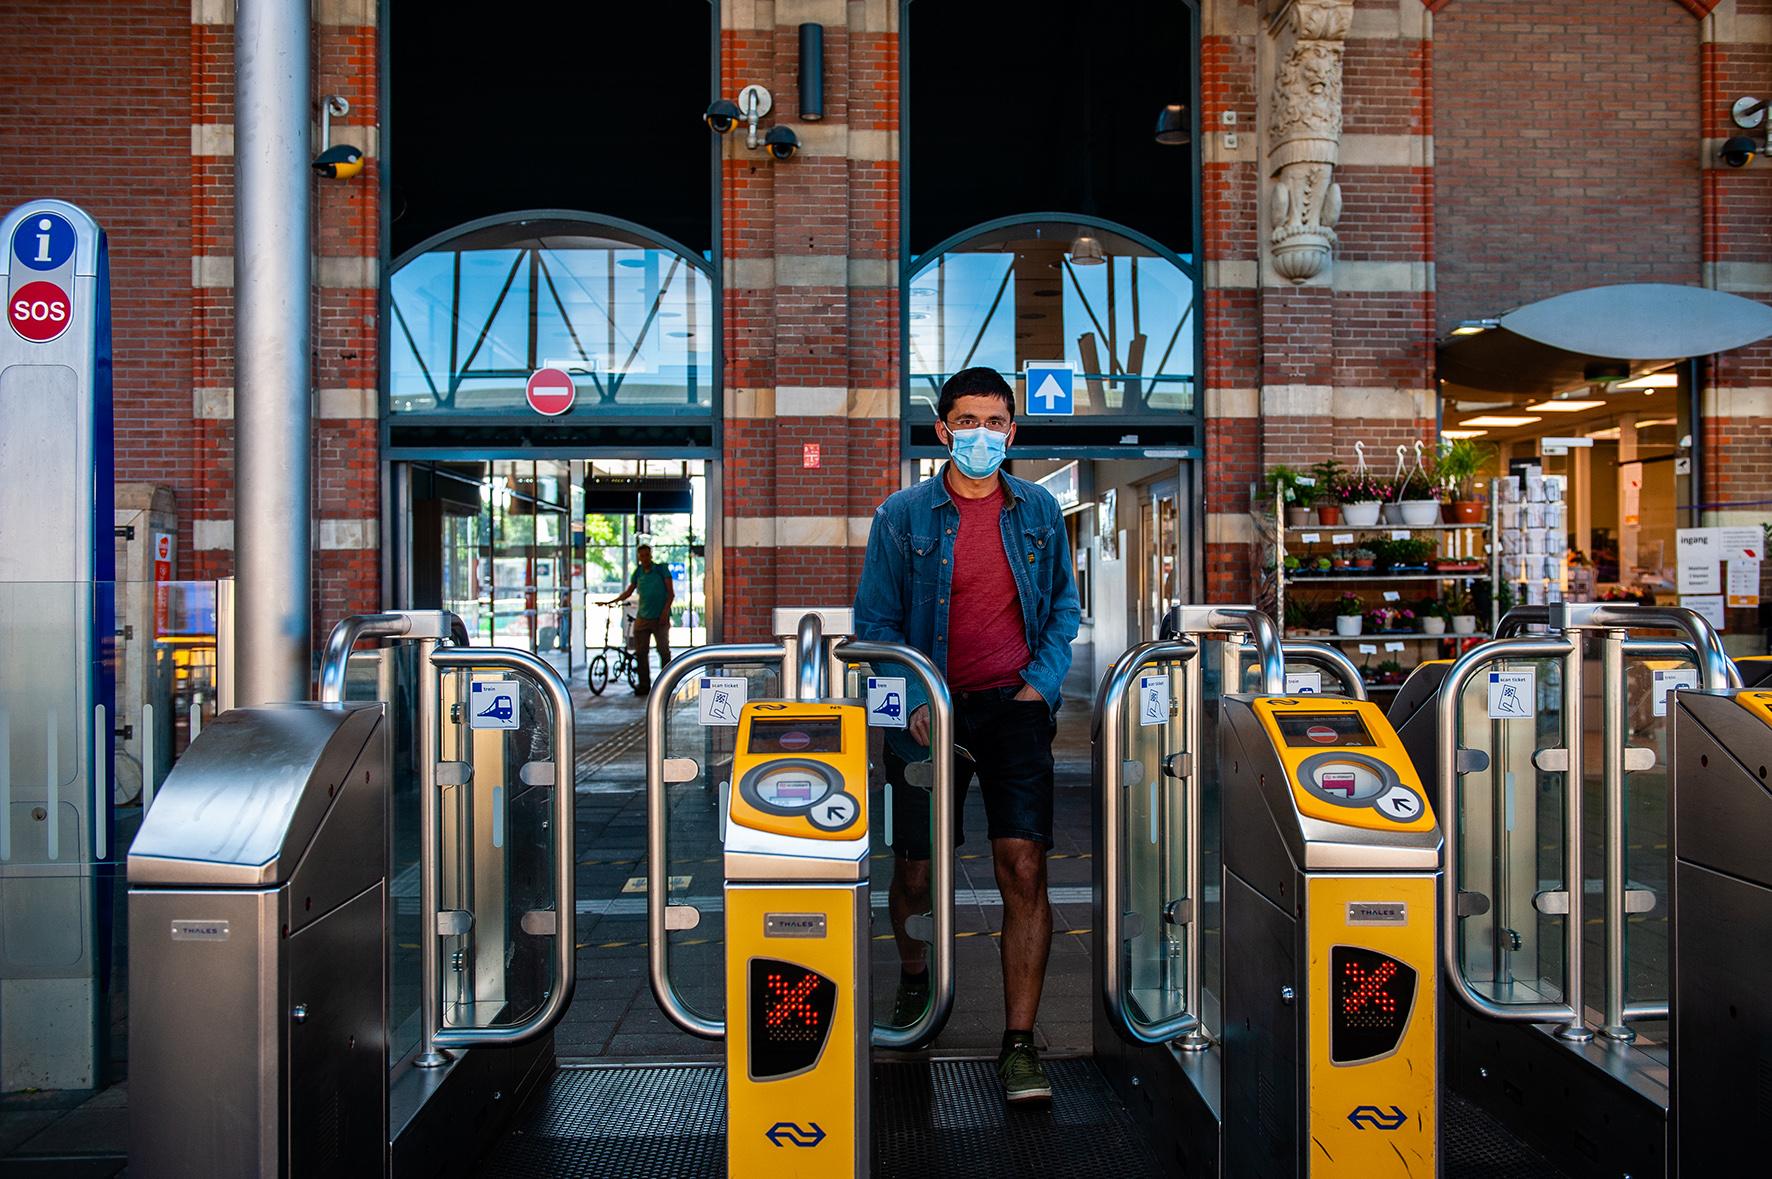 Op deze foto zie je een man die uitcheckt bij Amsterdam Centraal